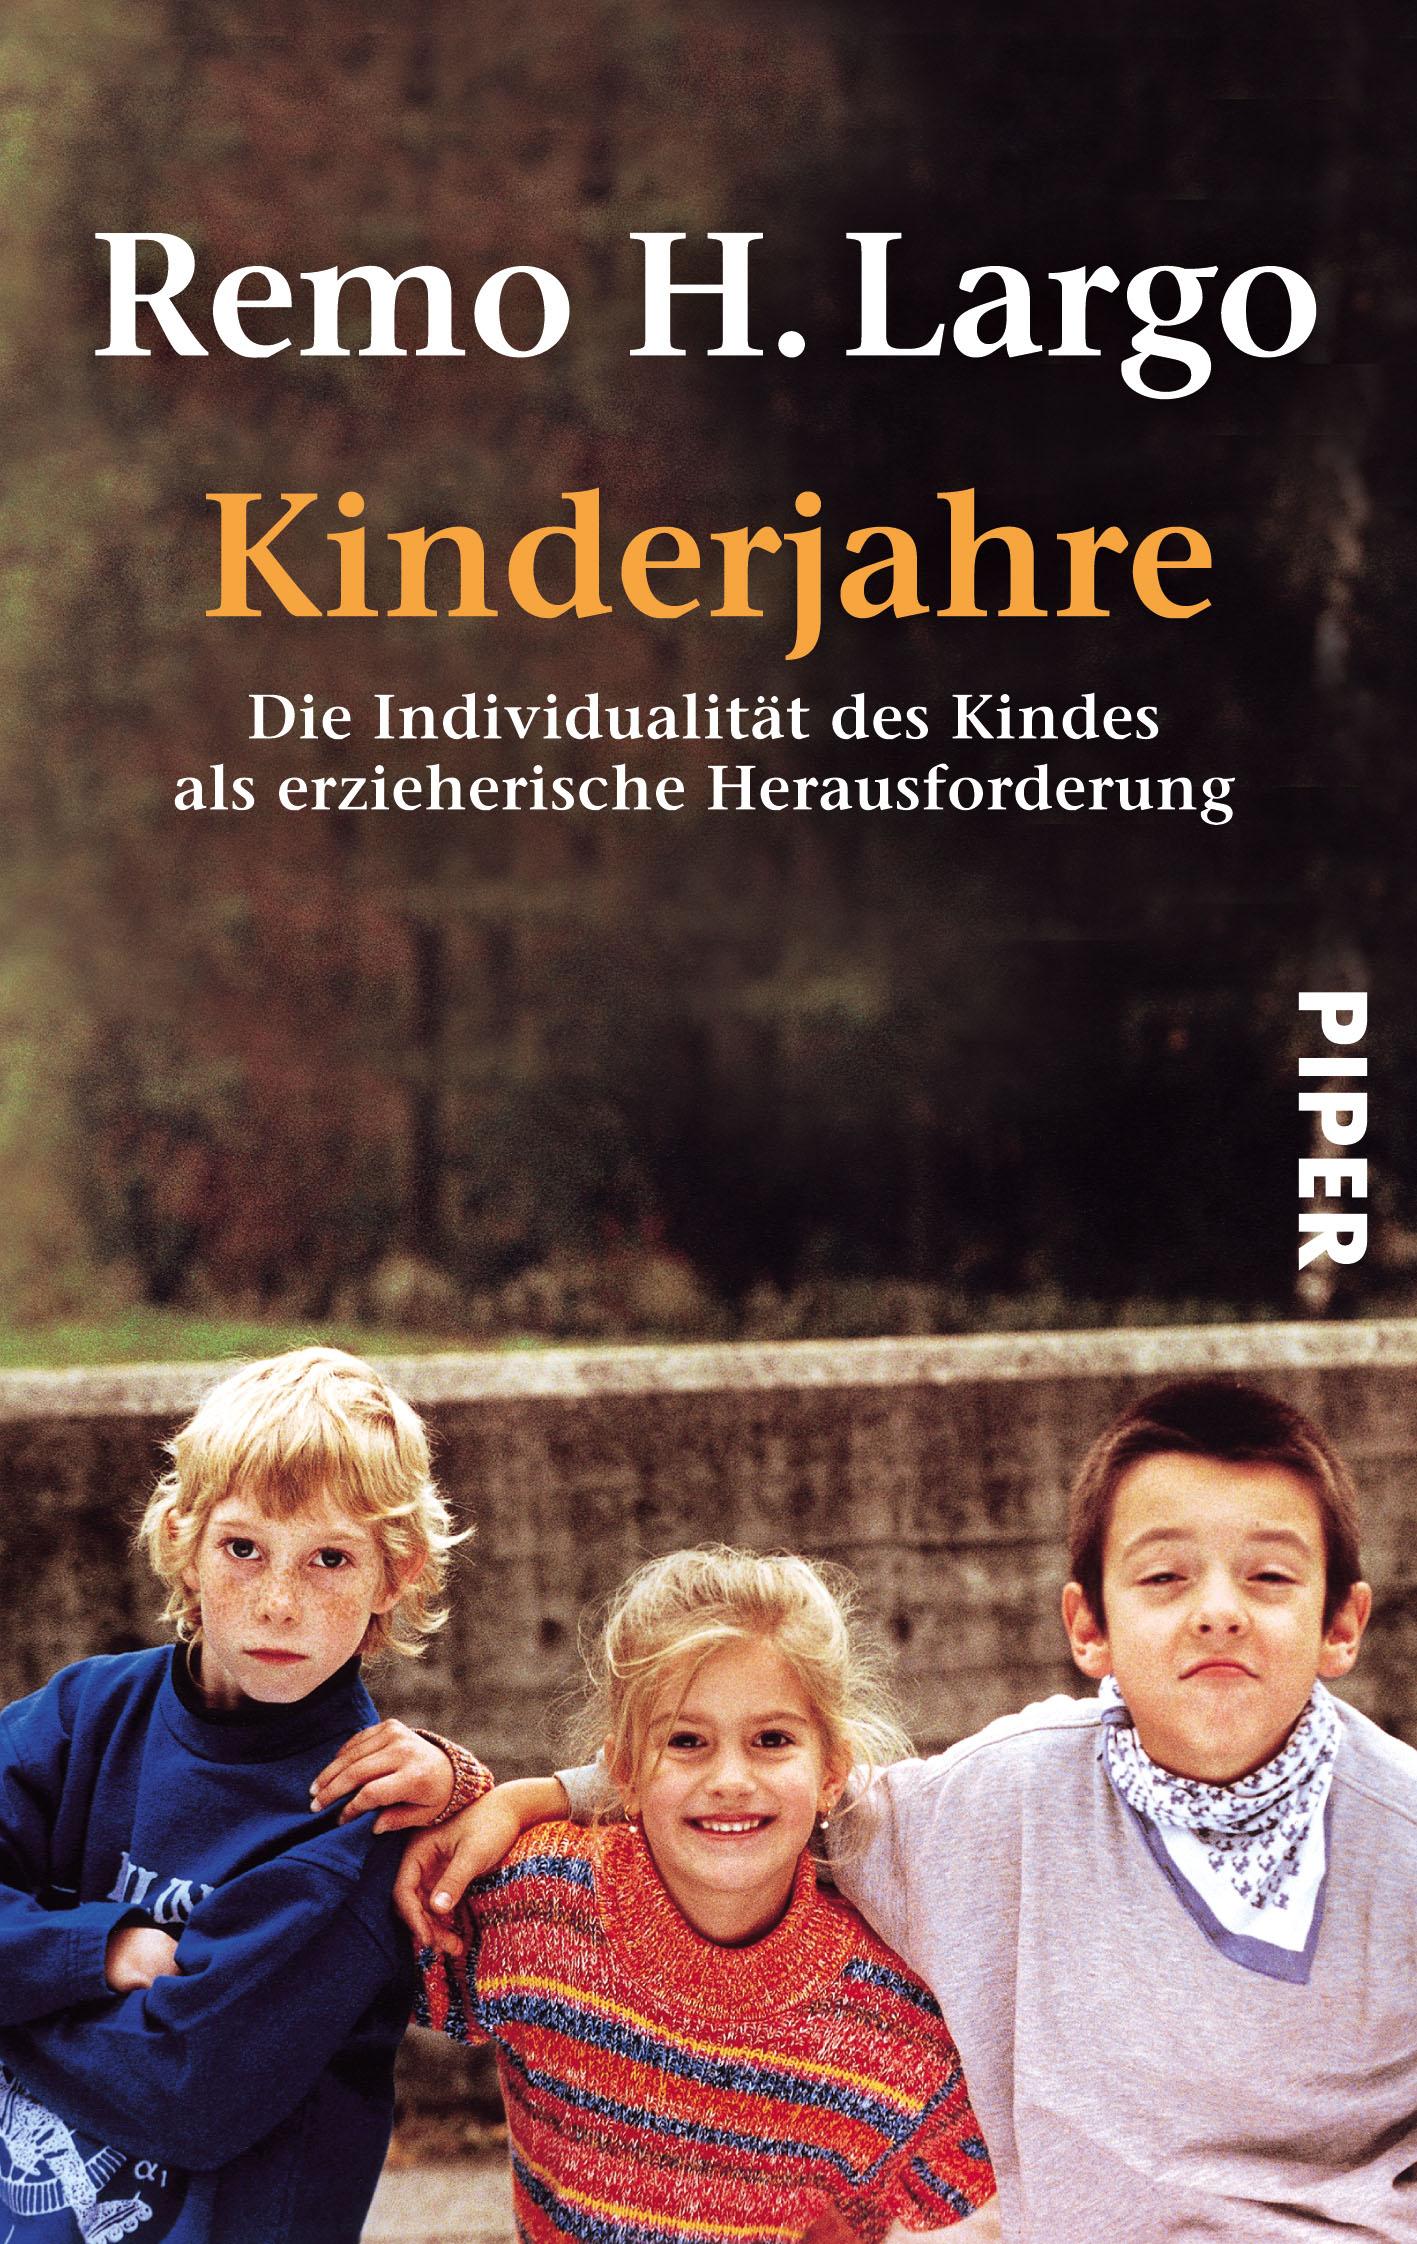 Kinderjahre: Die Individualität des Kindes als erzieherische Herausforderung - Remo H. Largo